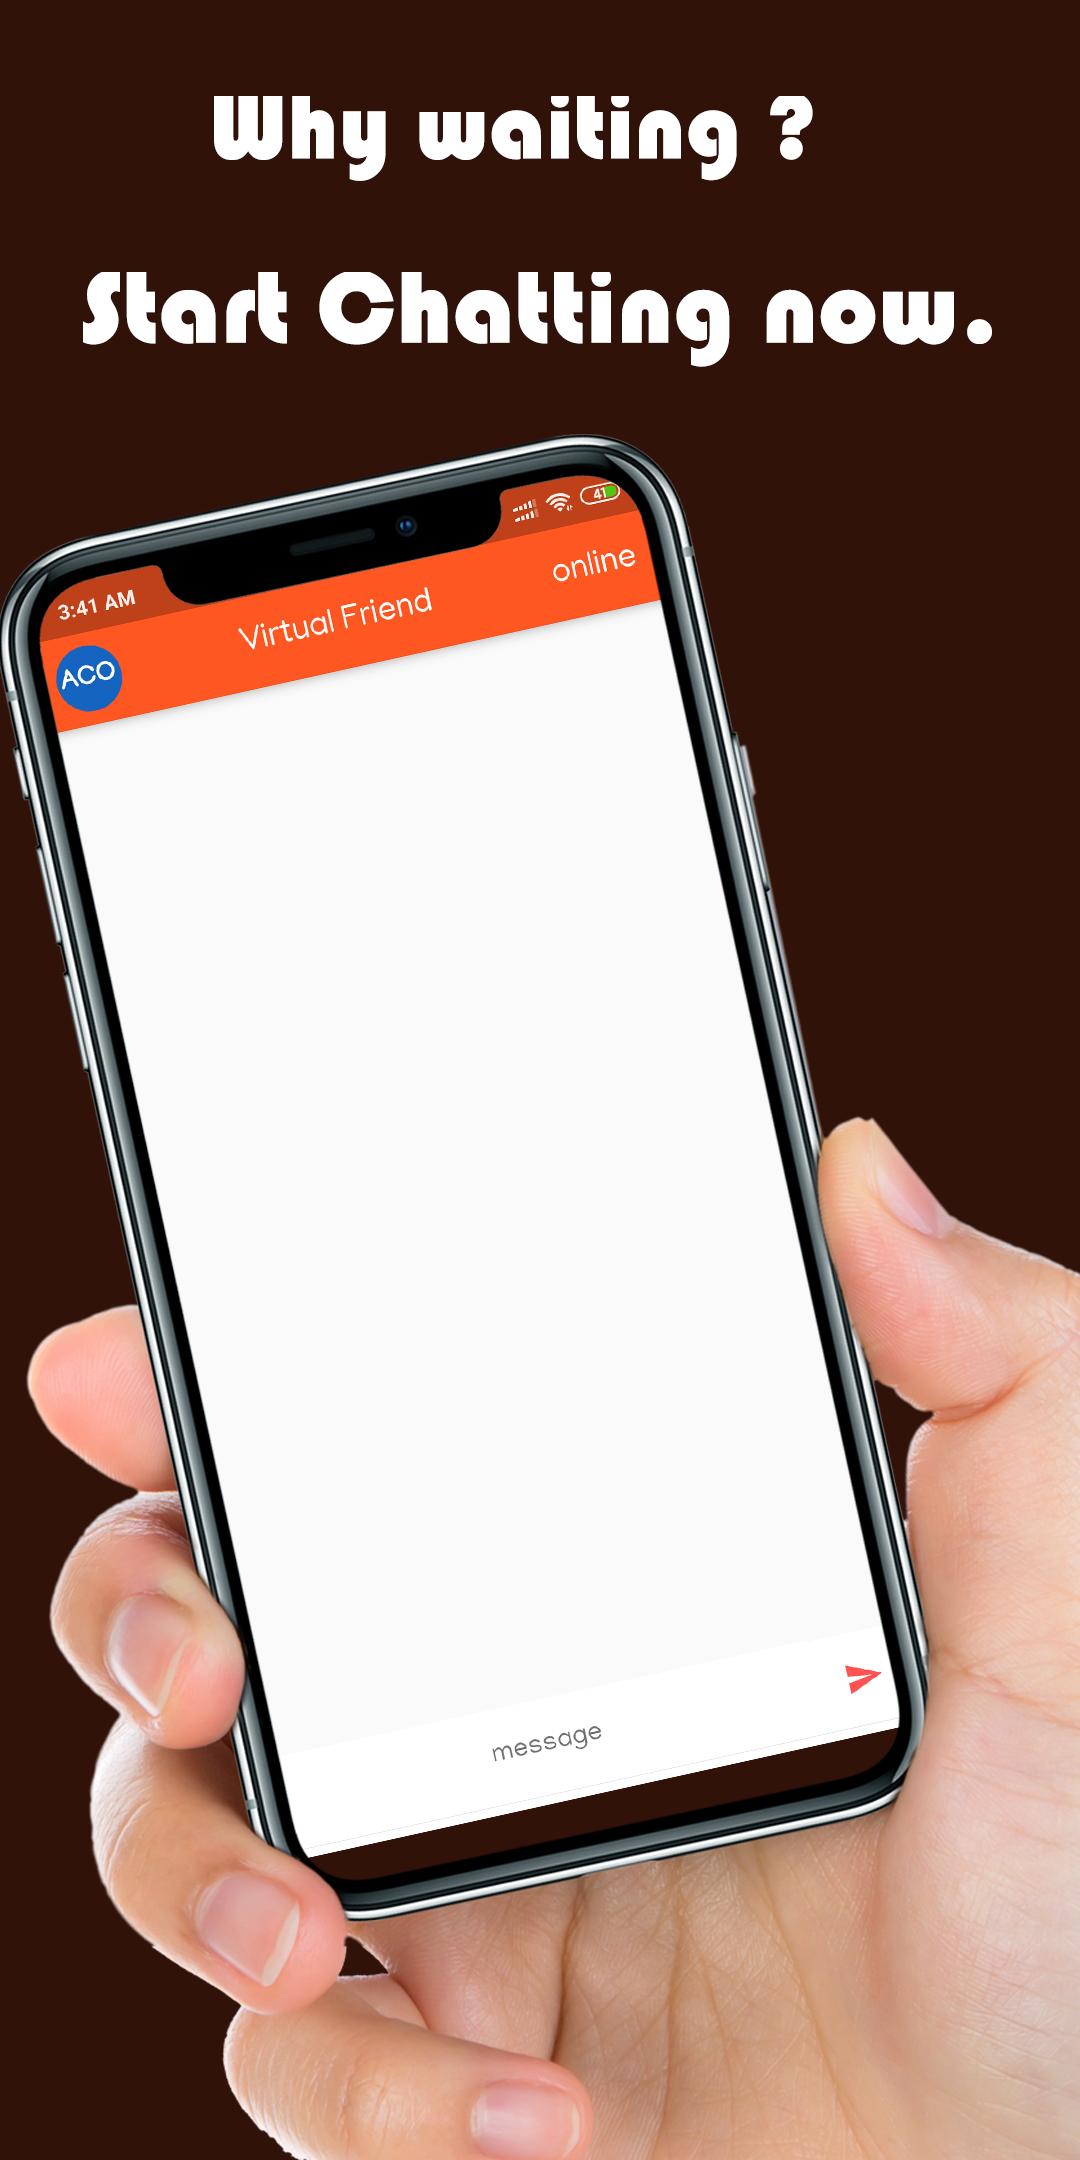 ACO – AI Chatbot , Virtual Friend